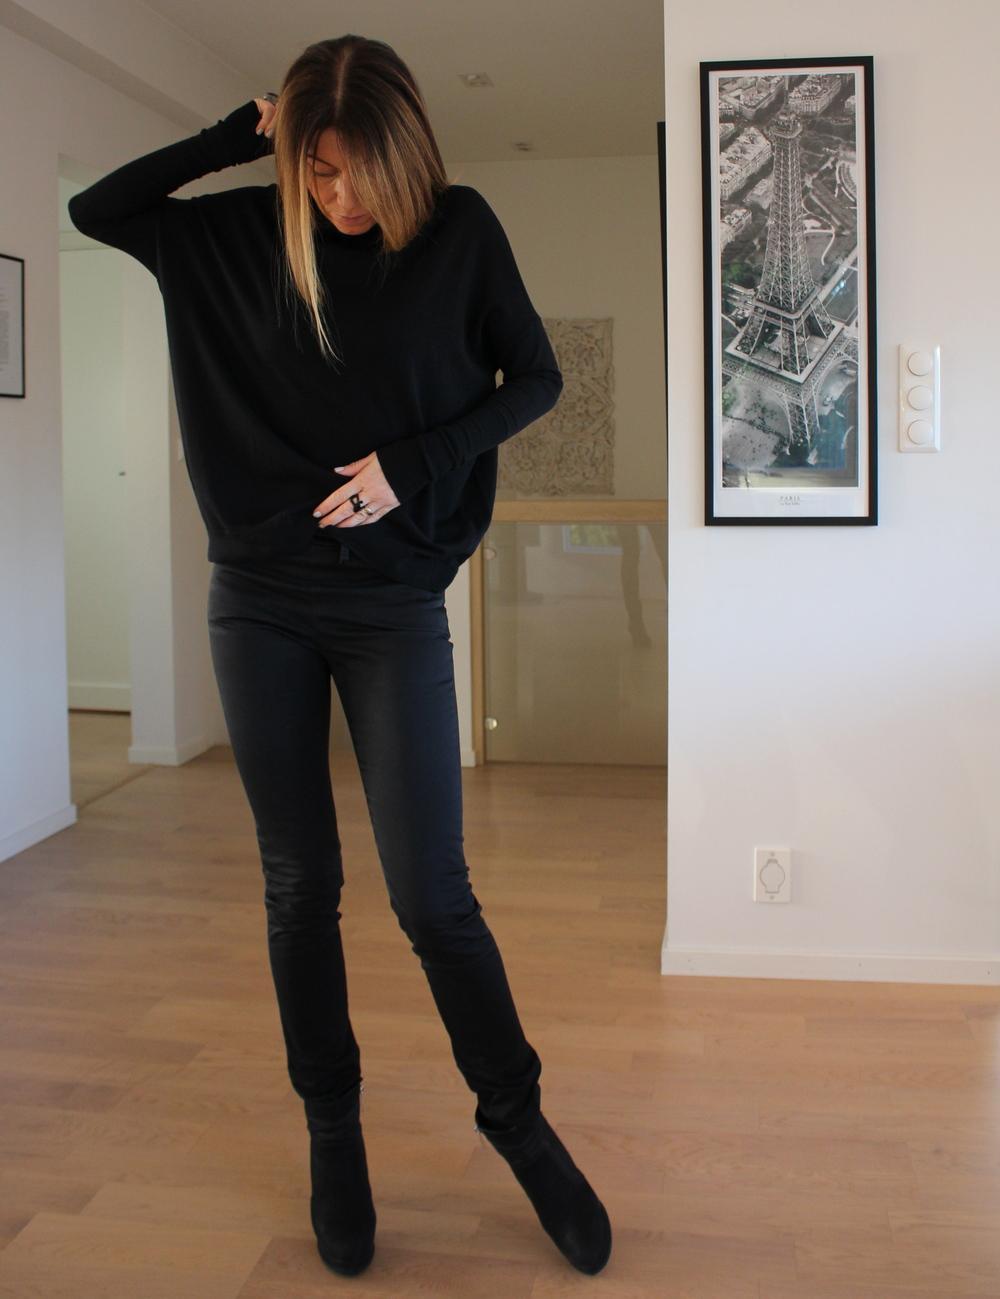 Disse buksene er mange år gamle, men fortsatt en favoritt. de heter Skin i Satin black. Jeg gruer meg til den dagen de går i oppløsning. Jeg vet at Acne ikke lenger har disse, kun i jeanstoff sist gang jeg sjekket. Er det noen som kommer over de i dette stoffet;Let me know!